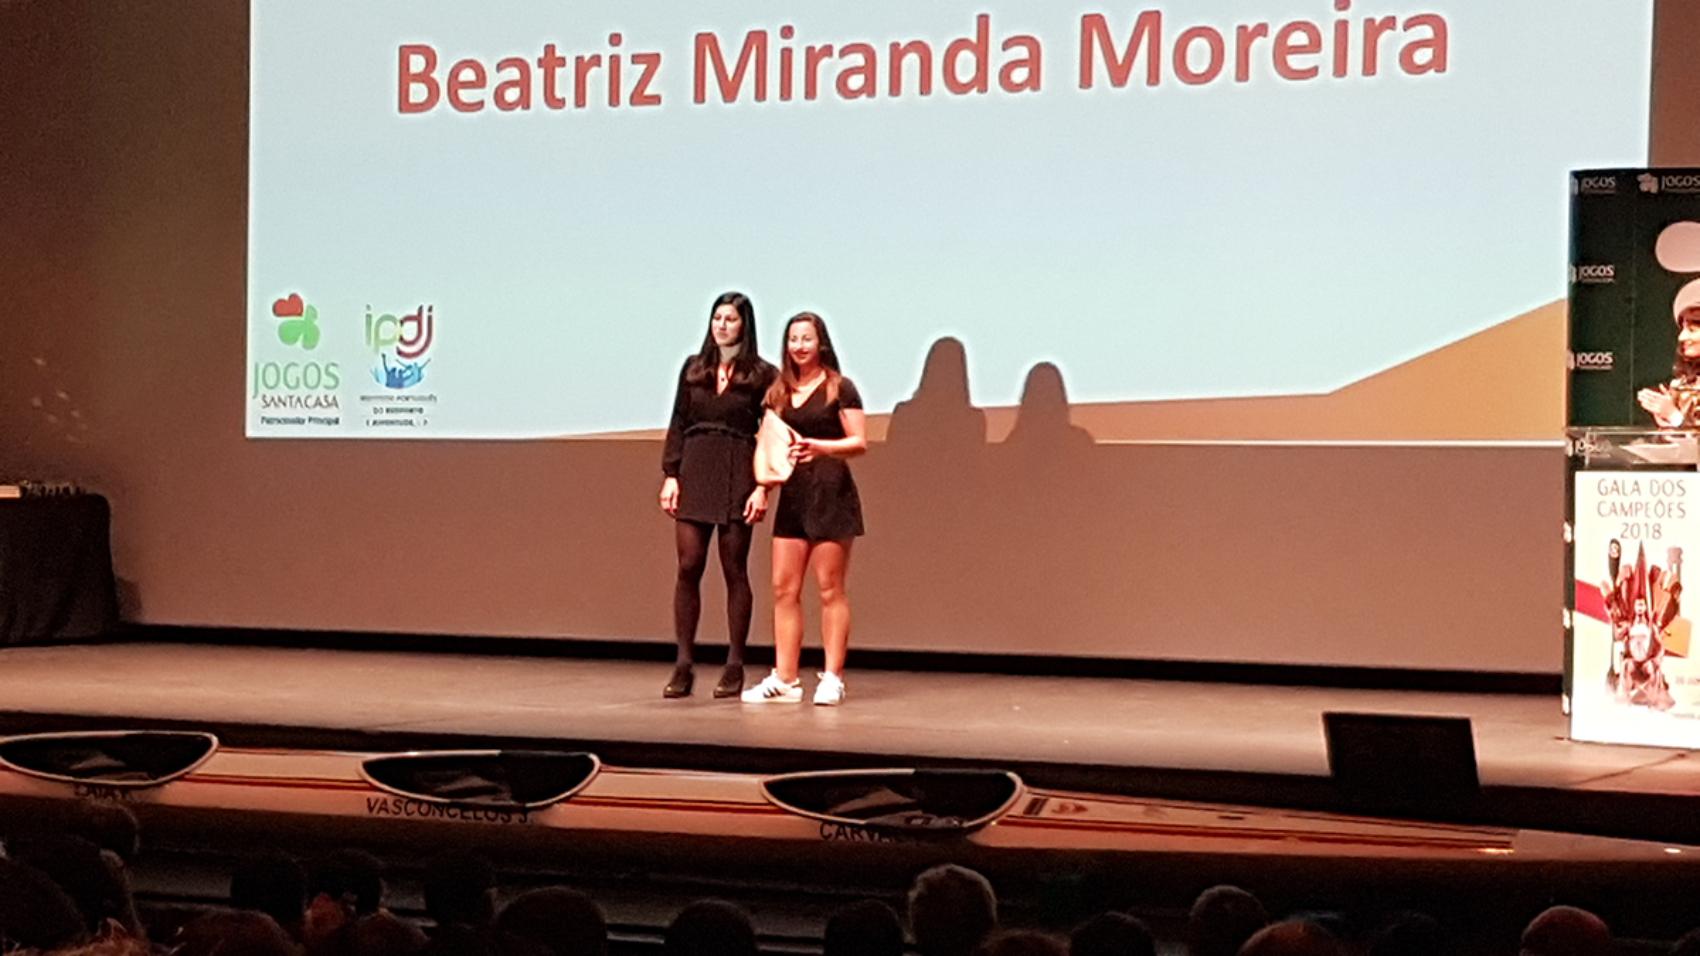 Beatriz Moreira homenageada na Gala dos Campeões da FPC blog Canoagem Destaque DCC Divulgação Douro Canoa Clube